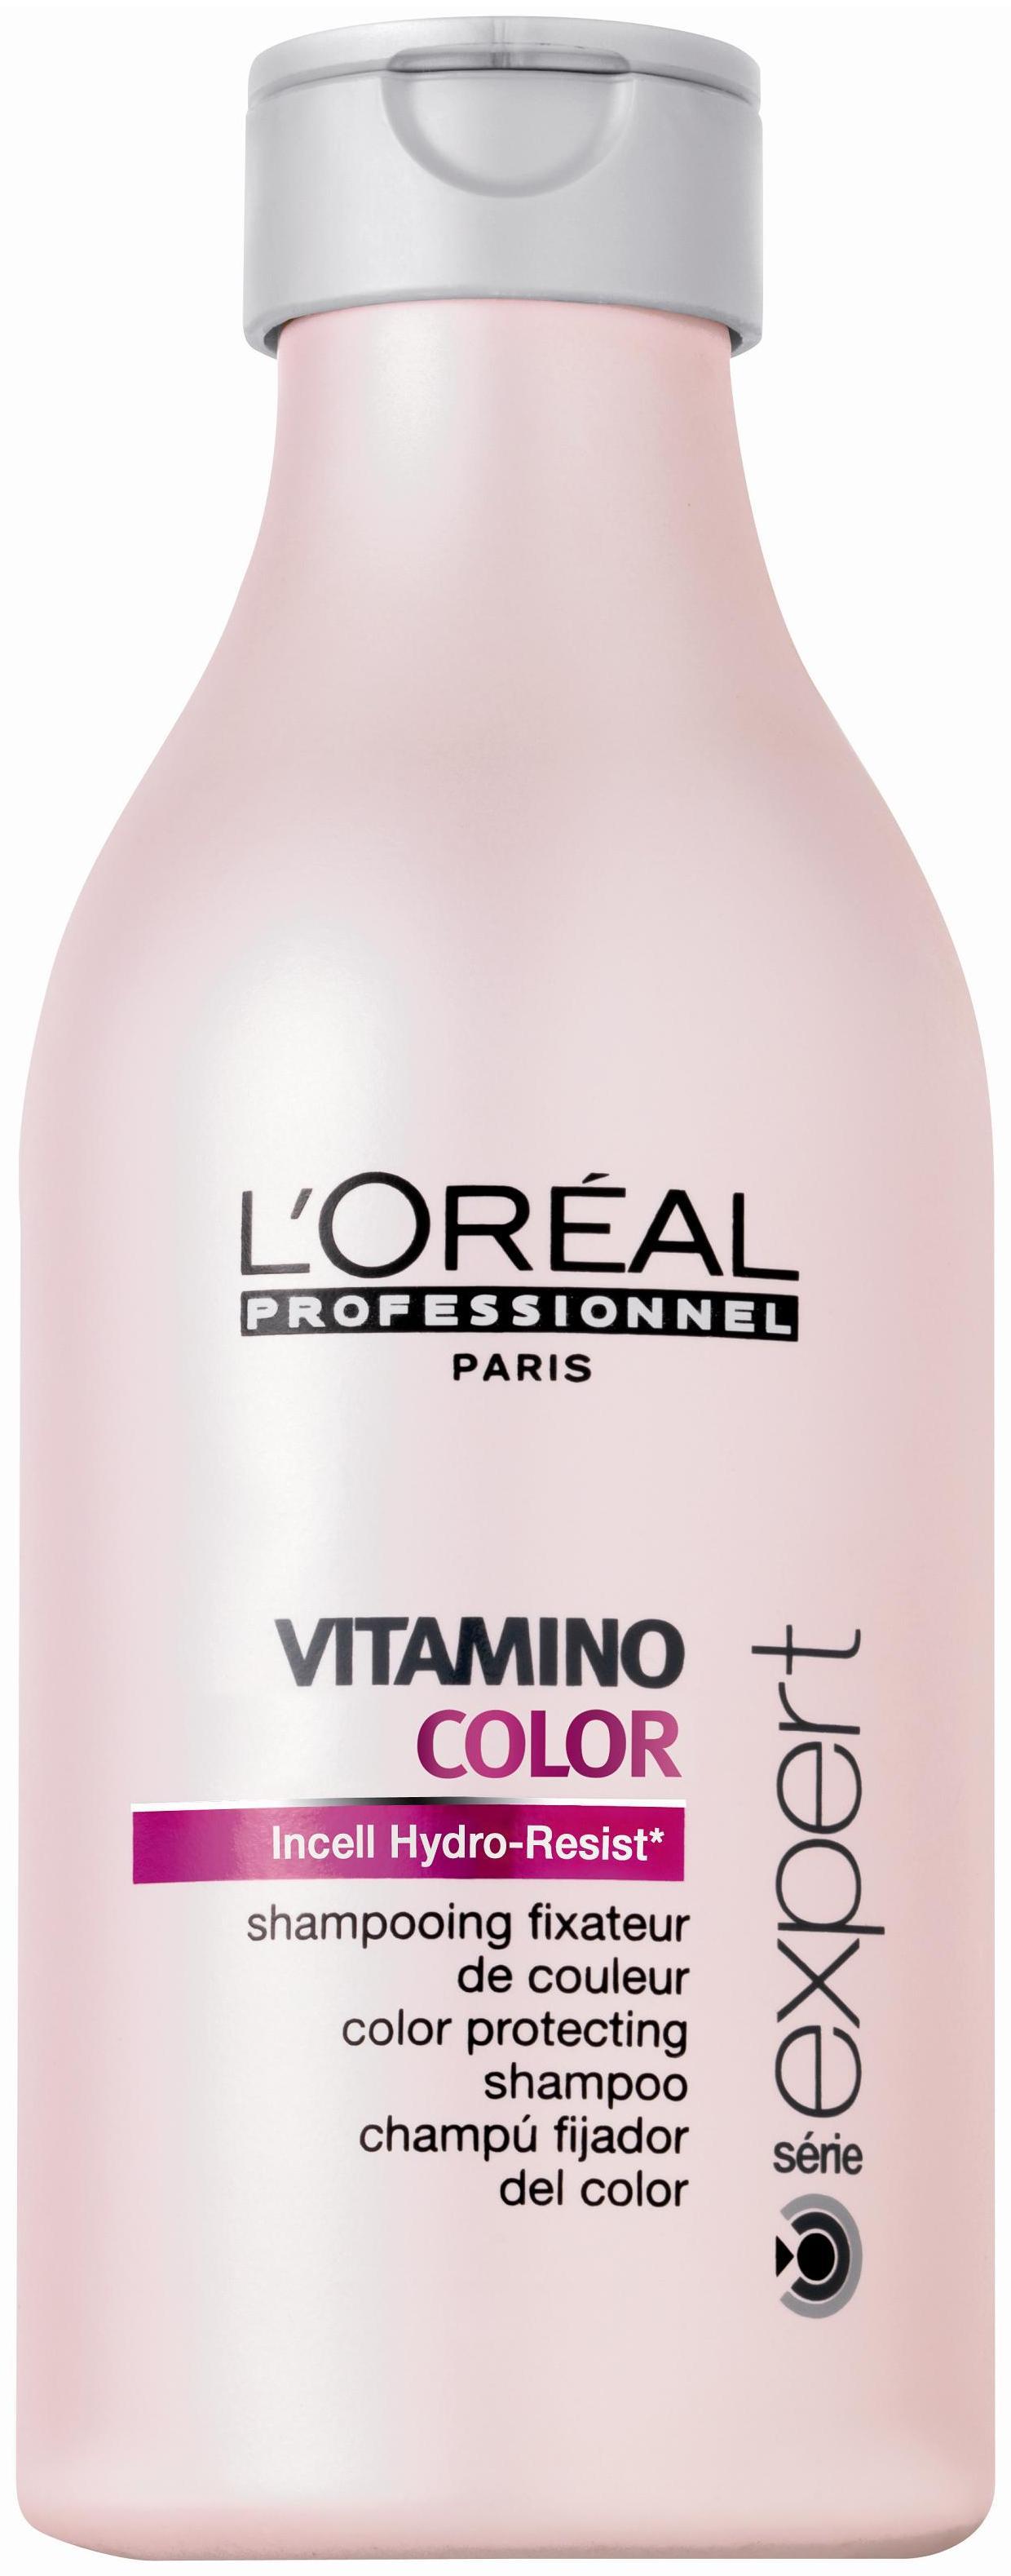 loreal vitamino color - L Oreal Vitamino Color